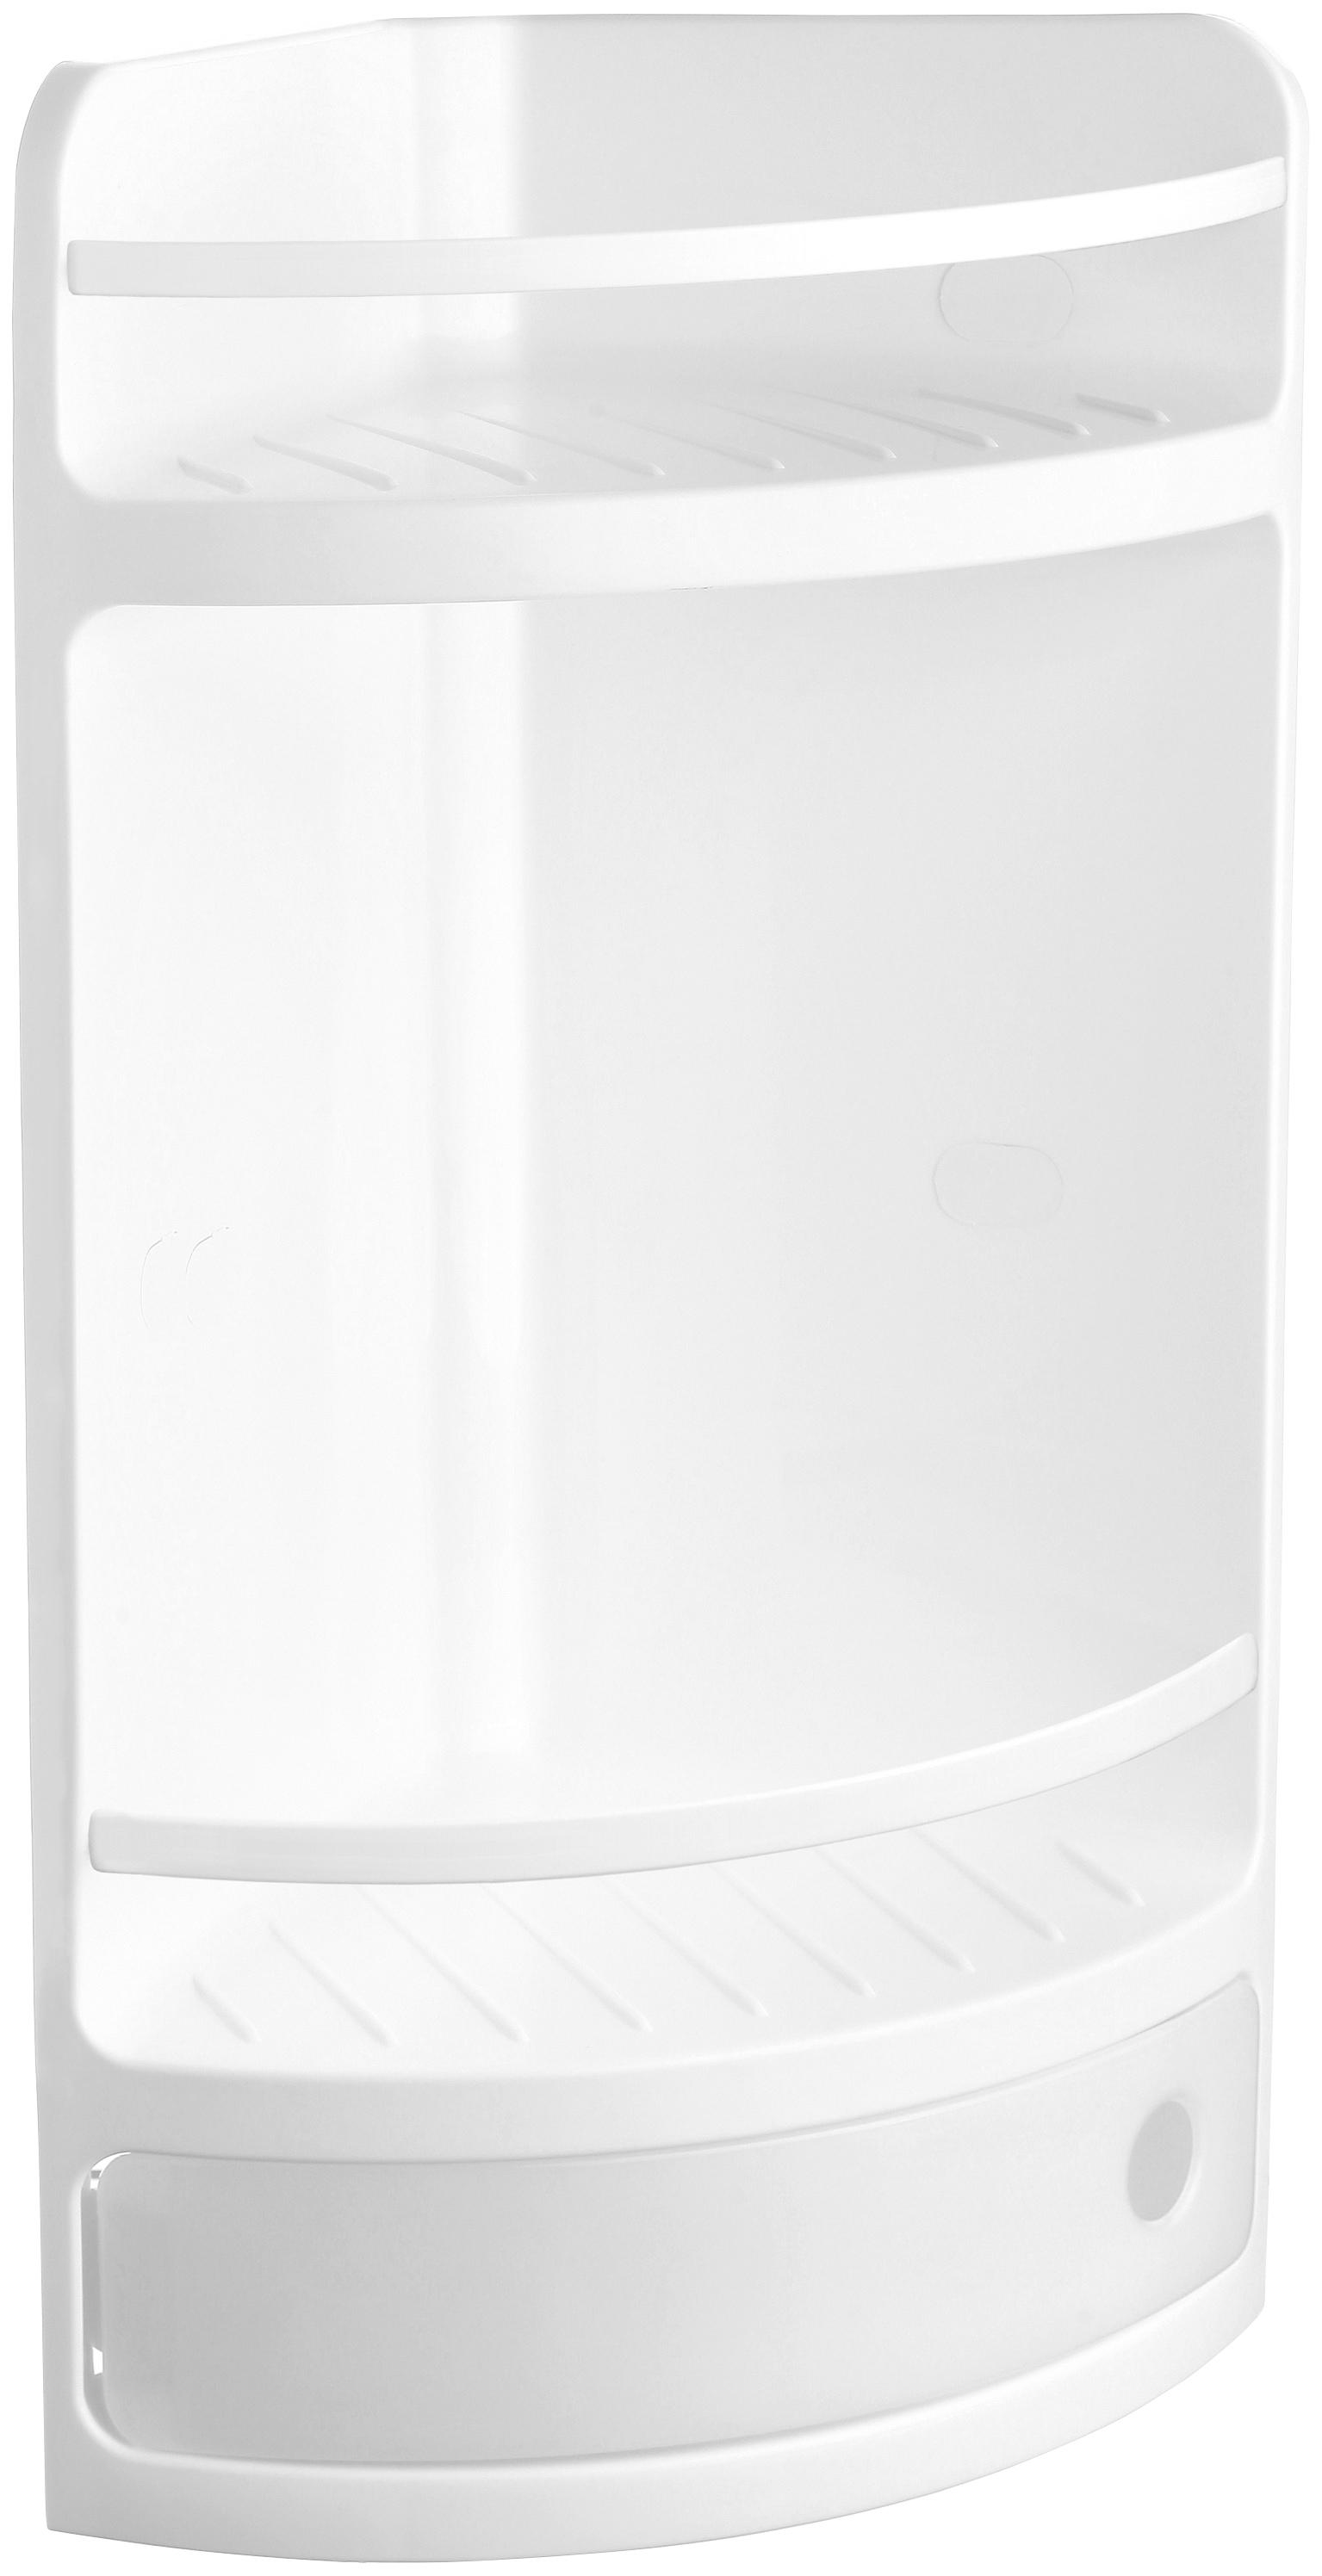 Sanotechnik Eckregal, Breite: 20 cm weiß Eckregal Eckregale Regale